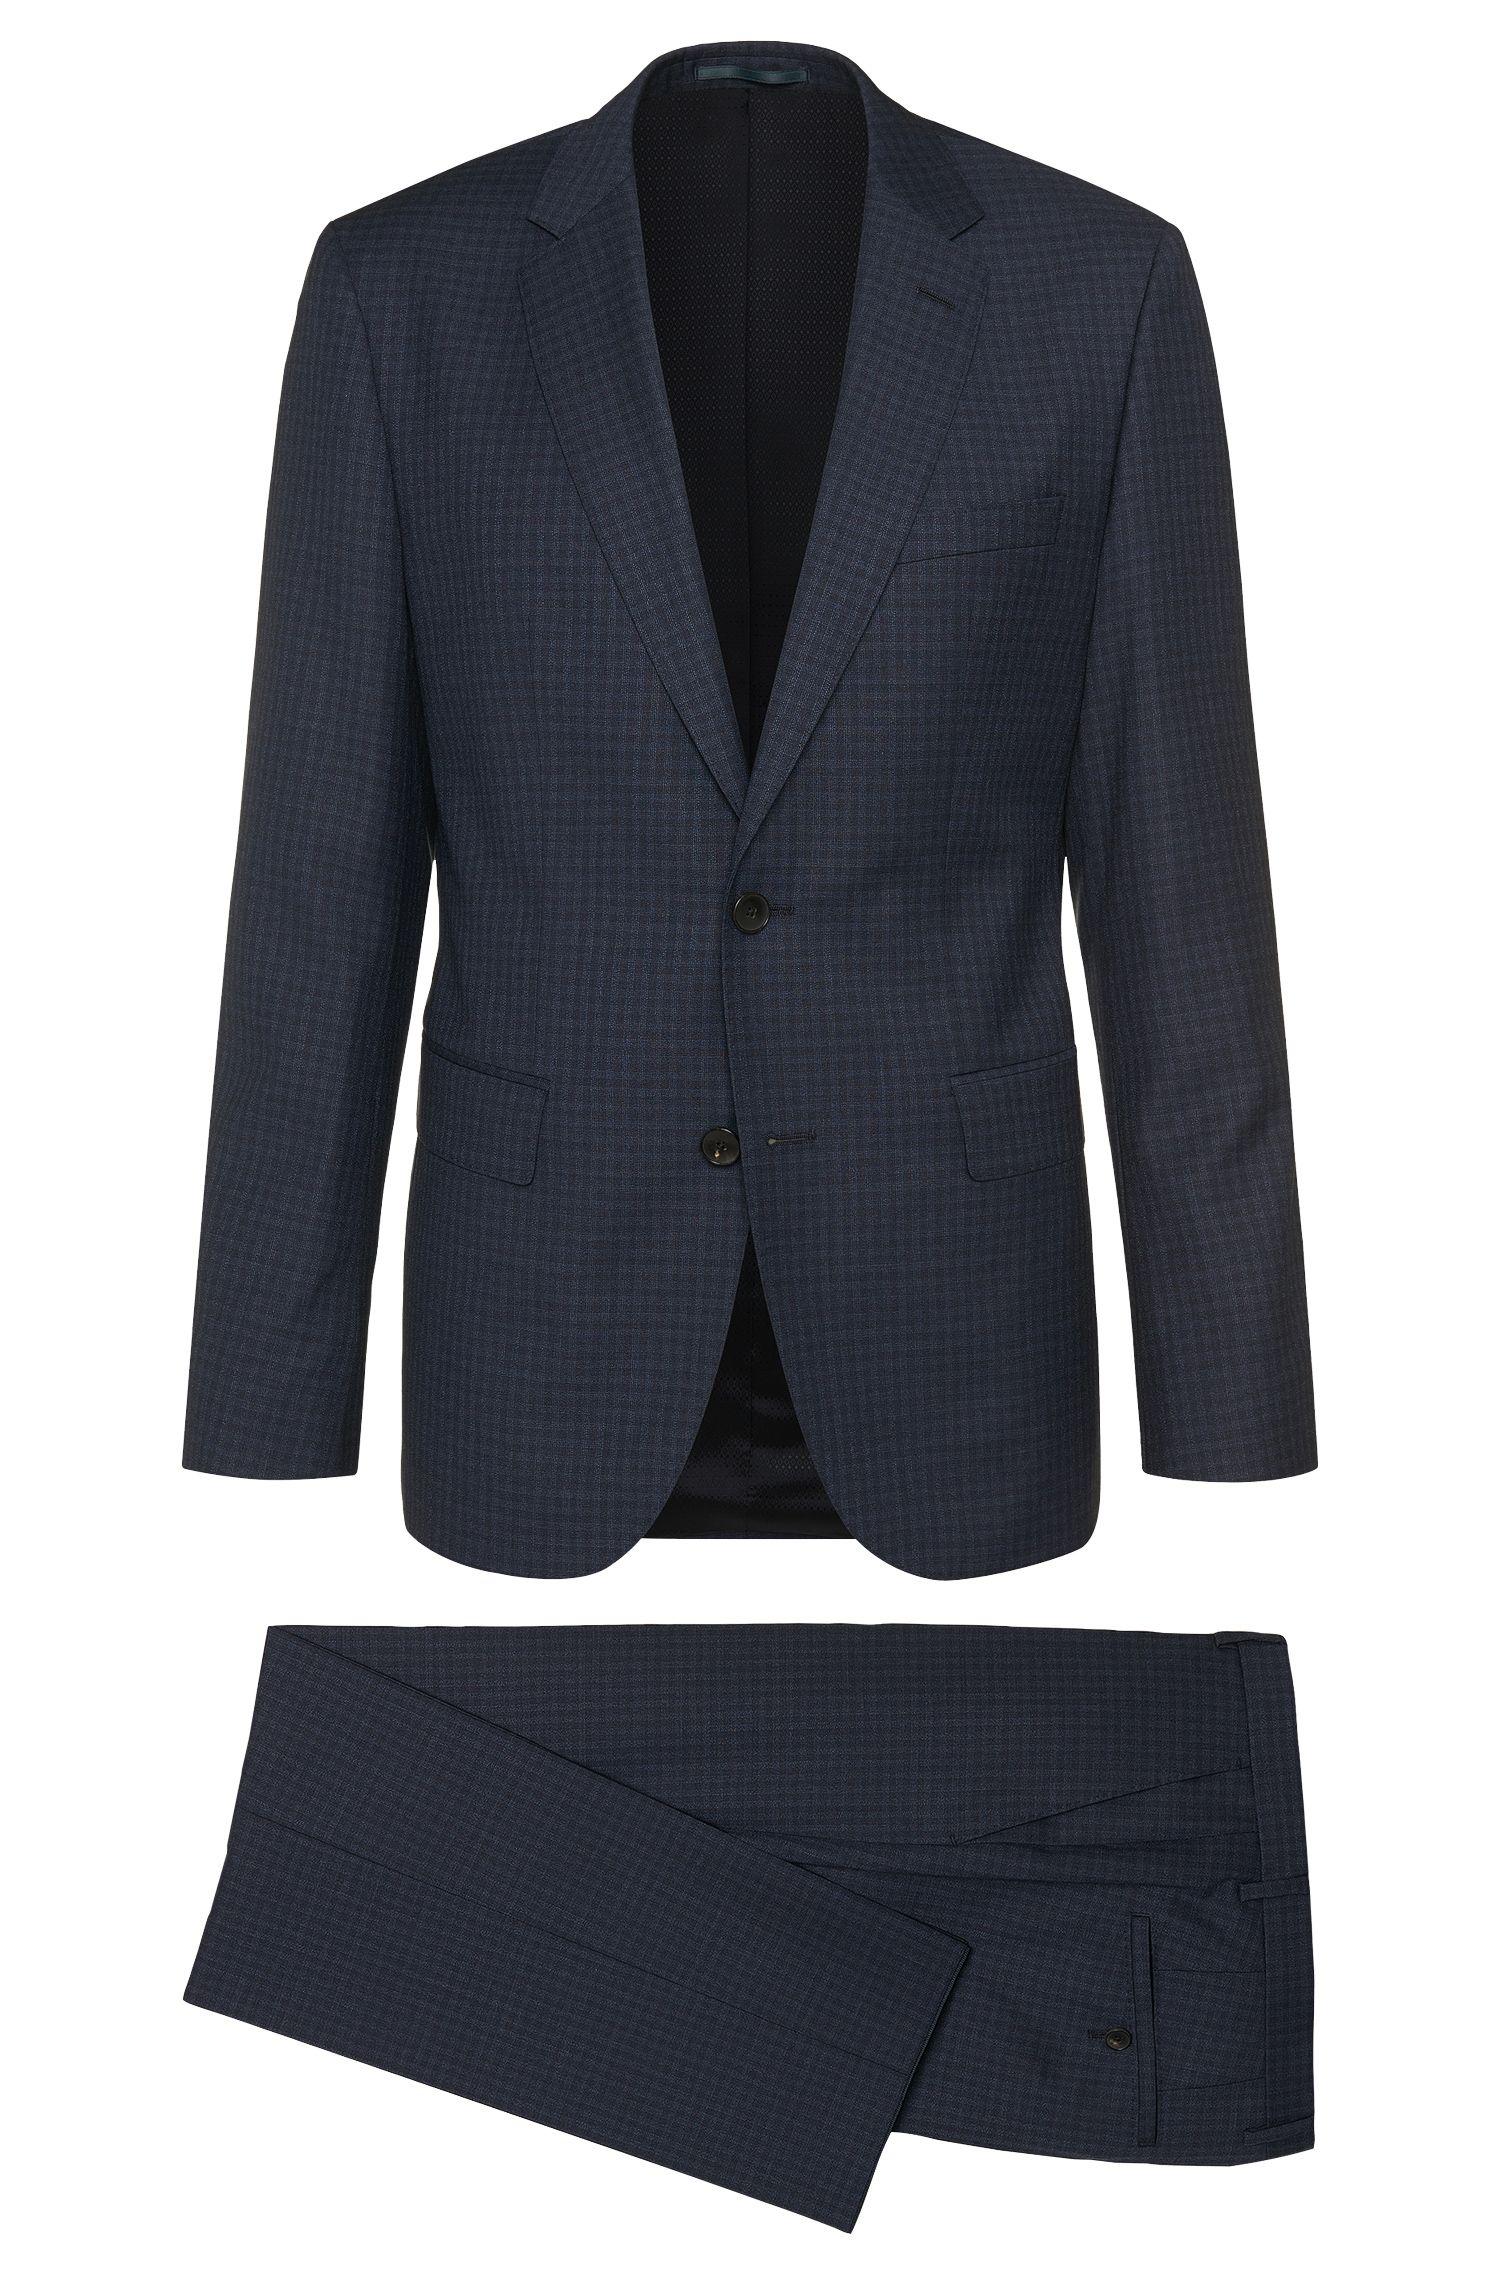 'Johnstons/Lenon' | Regular Fit, Virgin Wool Suit